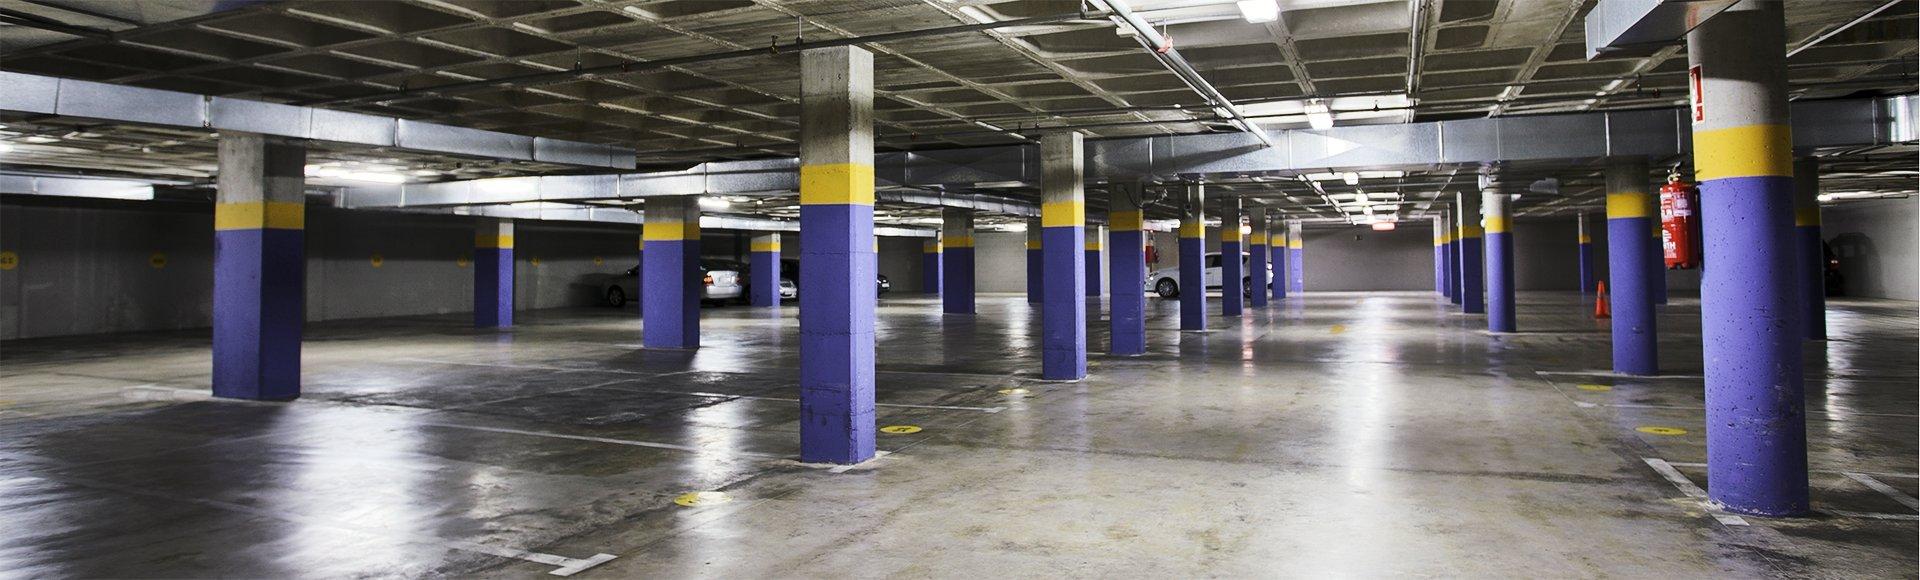 Parking en Alicante con amplias plazas de aparcamiento y tarifas low-cost